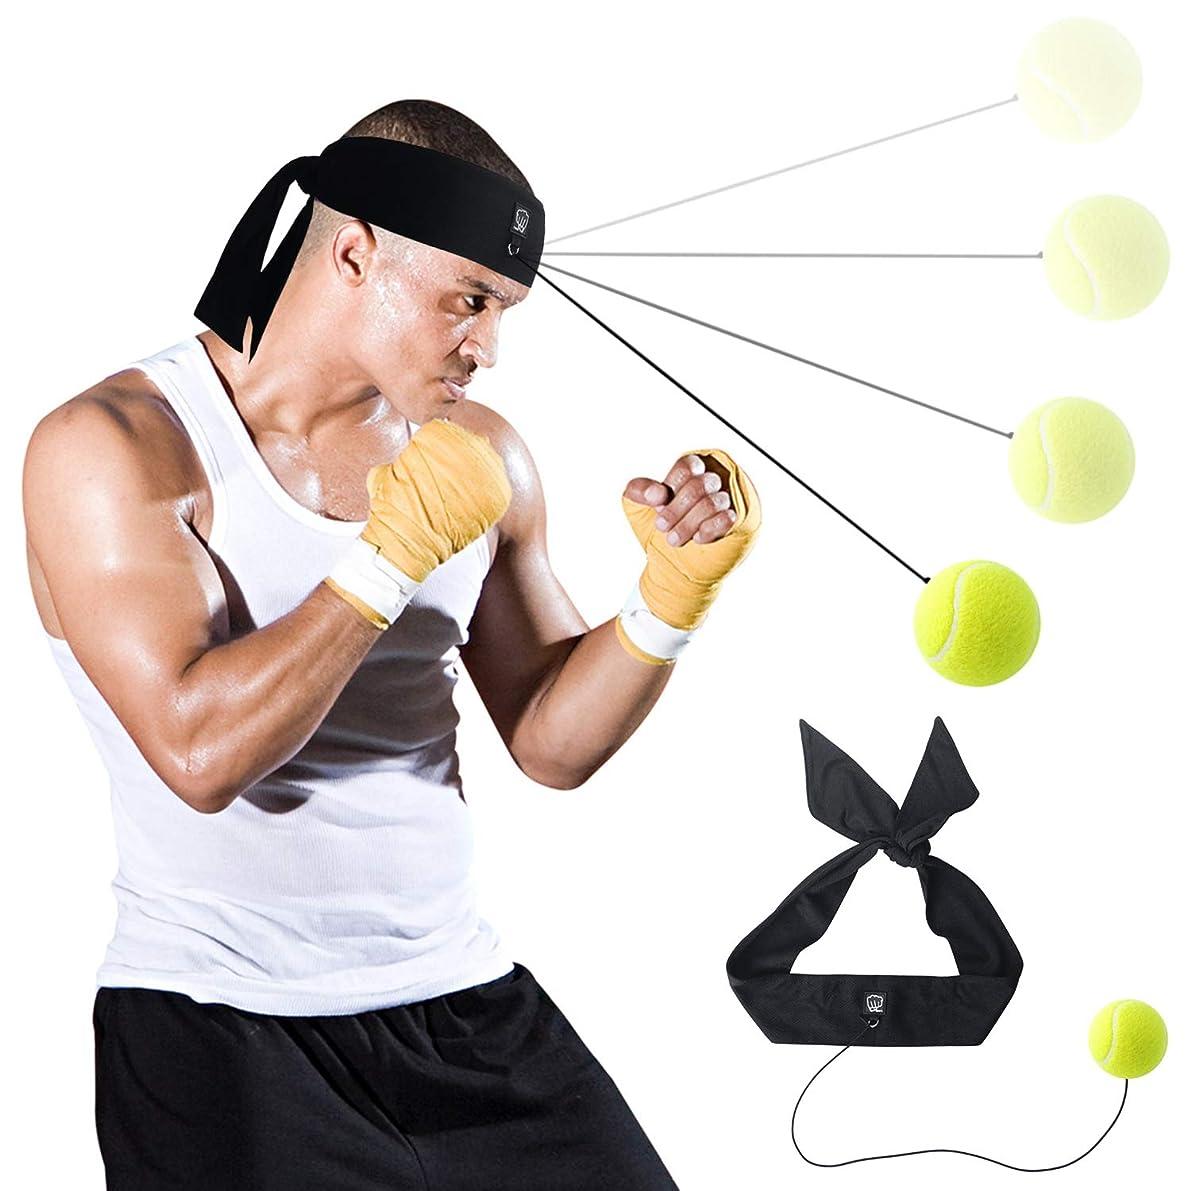 欠席見せますピケパンチングボール AISITIN ボクシングボール サンドバッグ ボクシンググッズ 格闘技 軽量 打撃訓練 ストレス発散 パンチ テニス練習ボール ヘッドバンド付き 自由戦闘 迅速な対応能力など鍛え ファイトボール